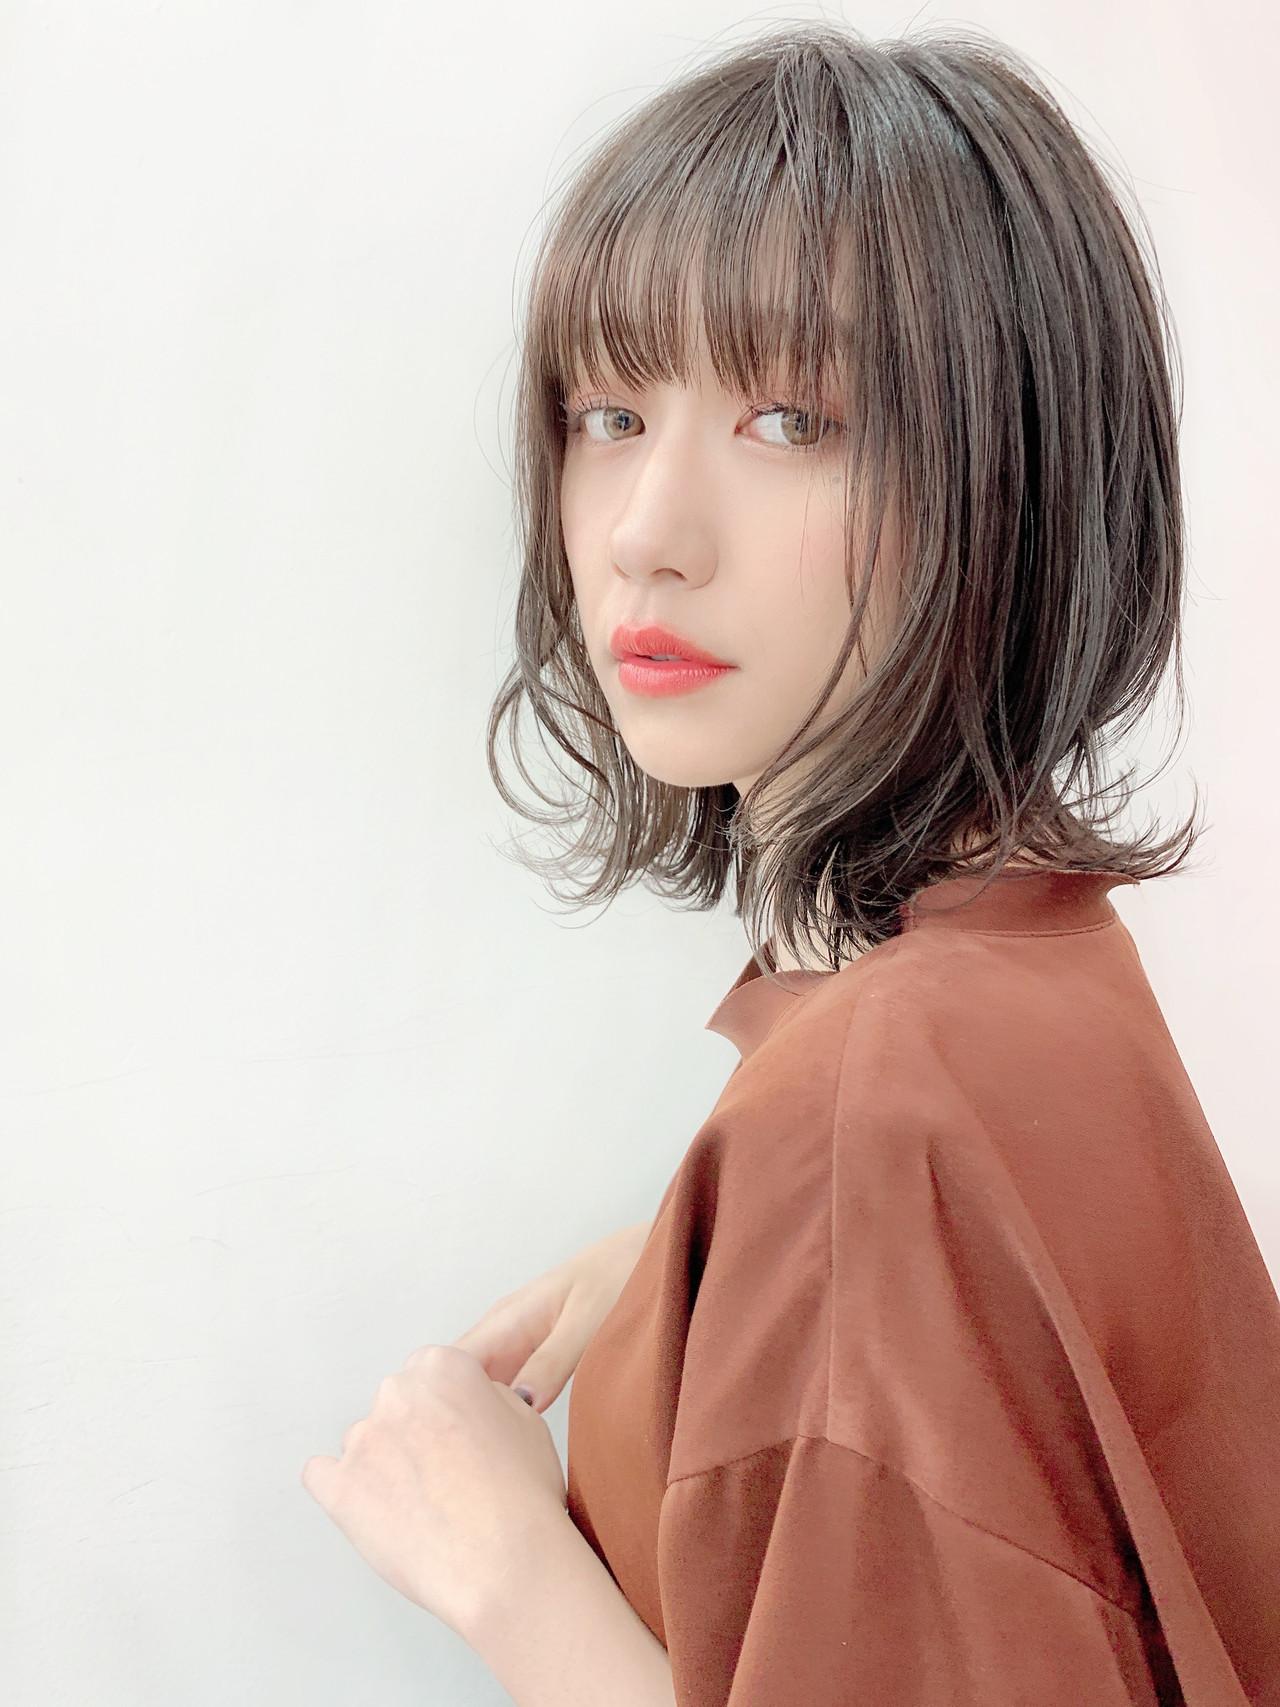 ミディアム ミディアムヘアー 簡単ヘアアレンジ 鎖骨ミディアム ヘアスタイルや髪型の写真・画像